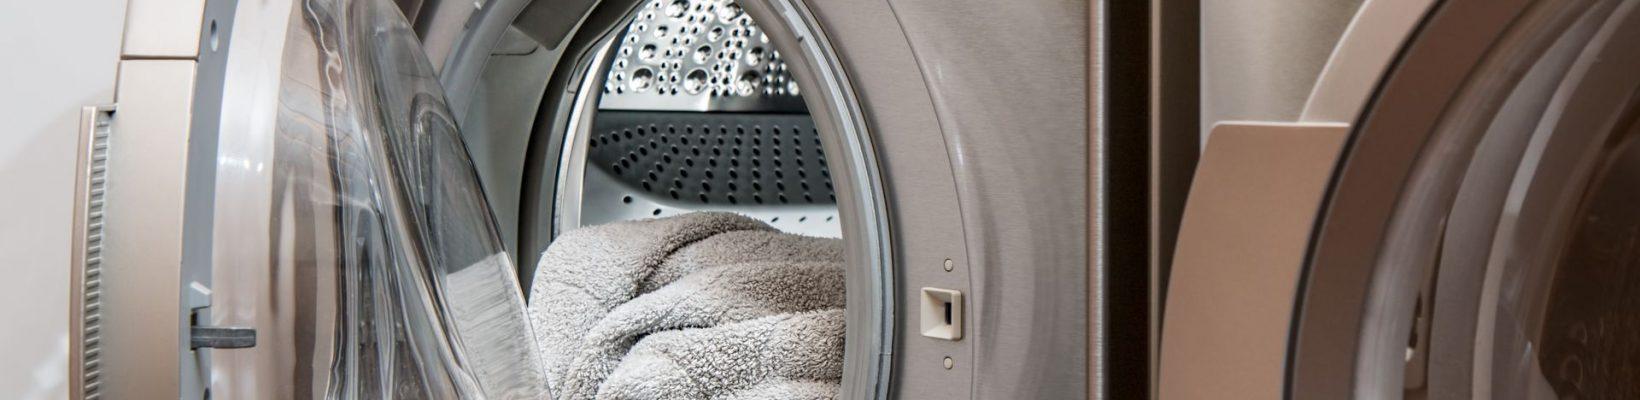 So entfernen Sie einen unangenehmen Geruch aus einer Waschmaschine